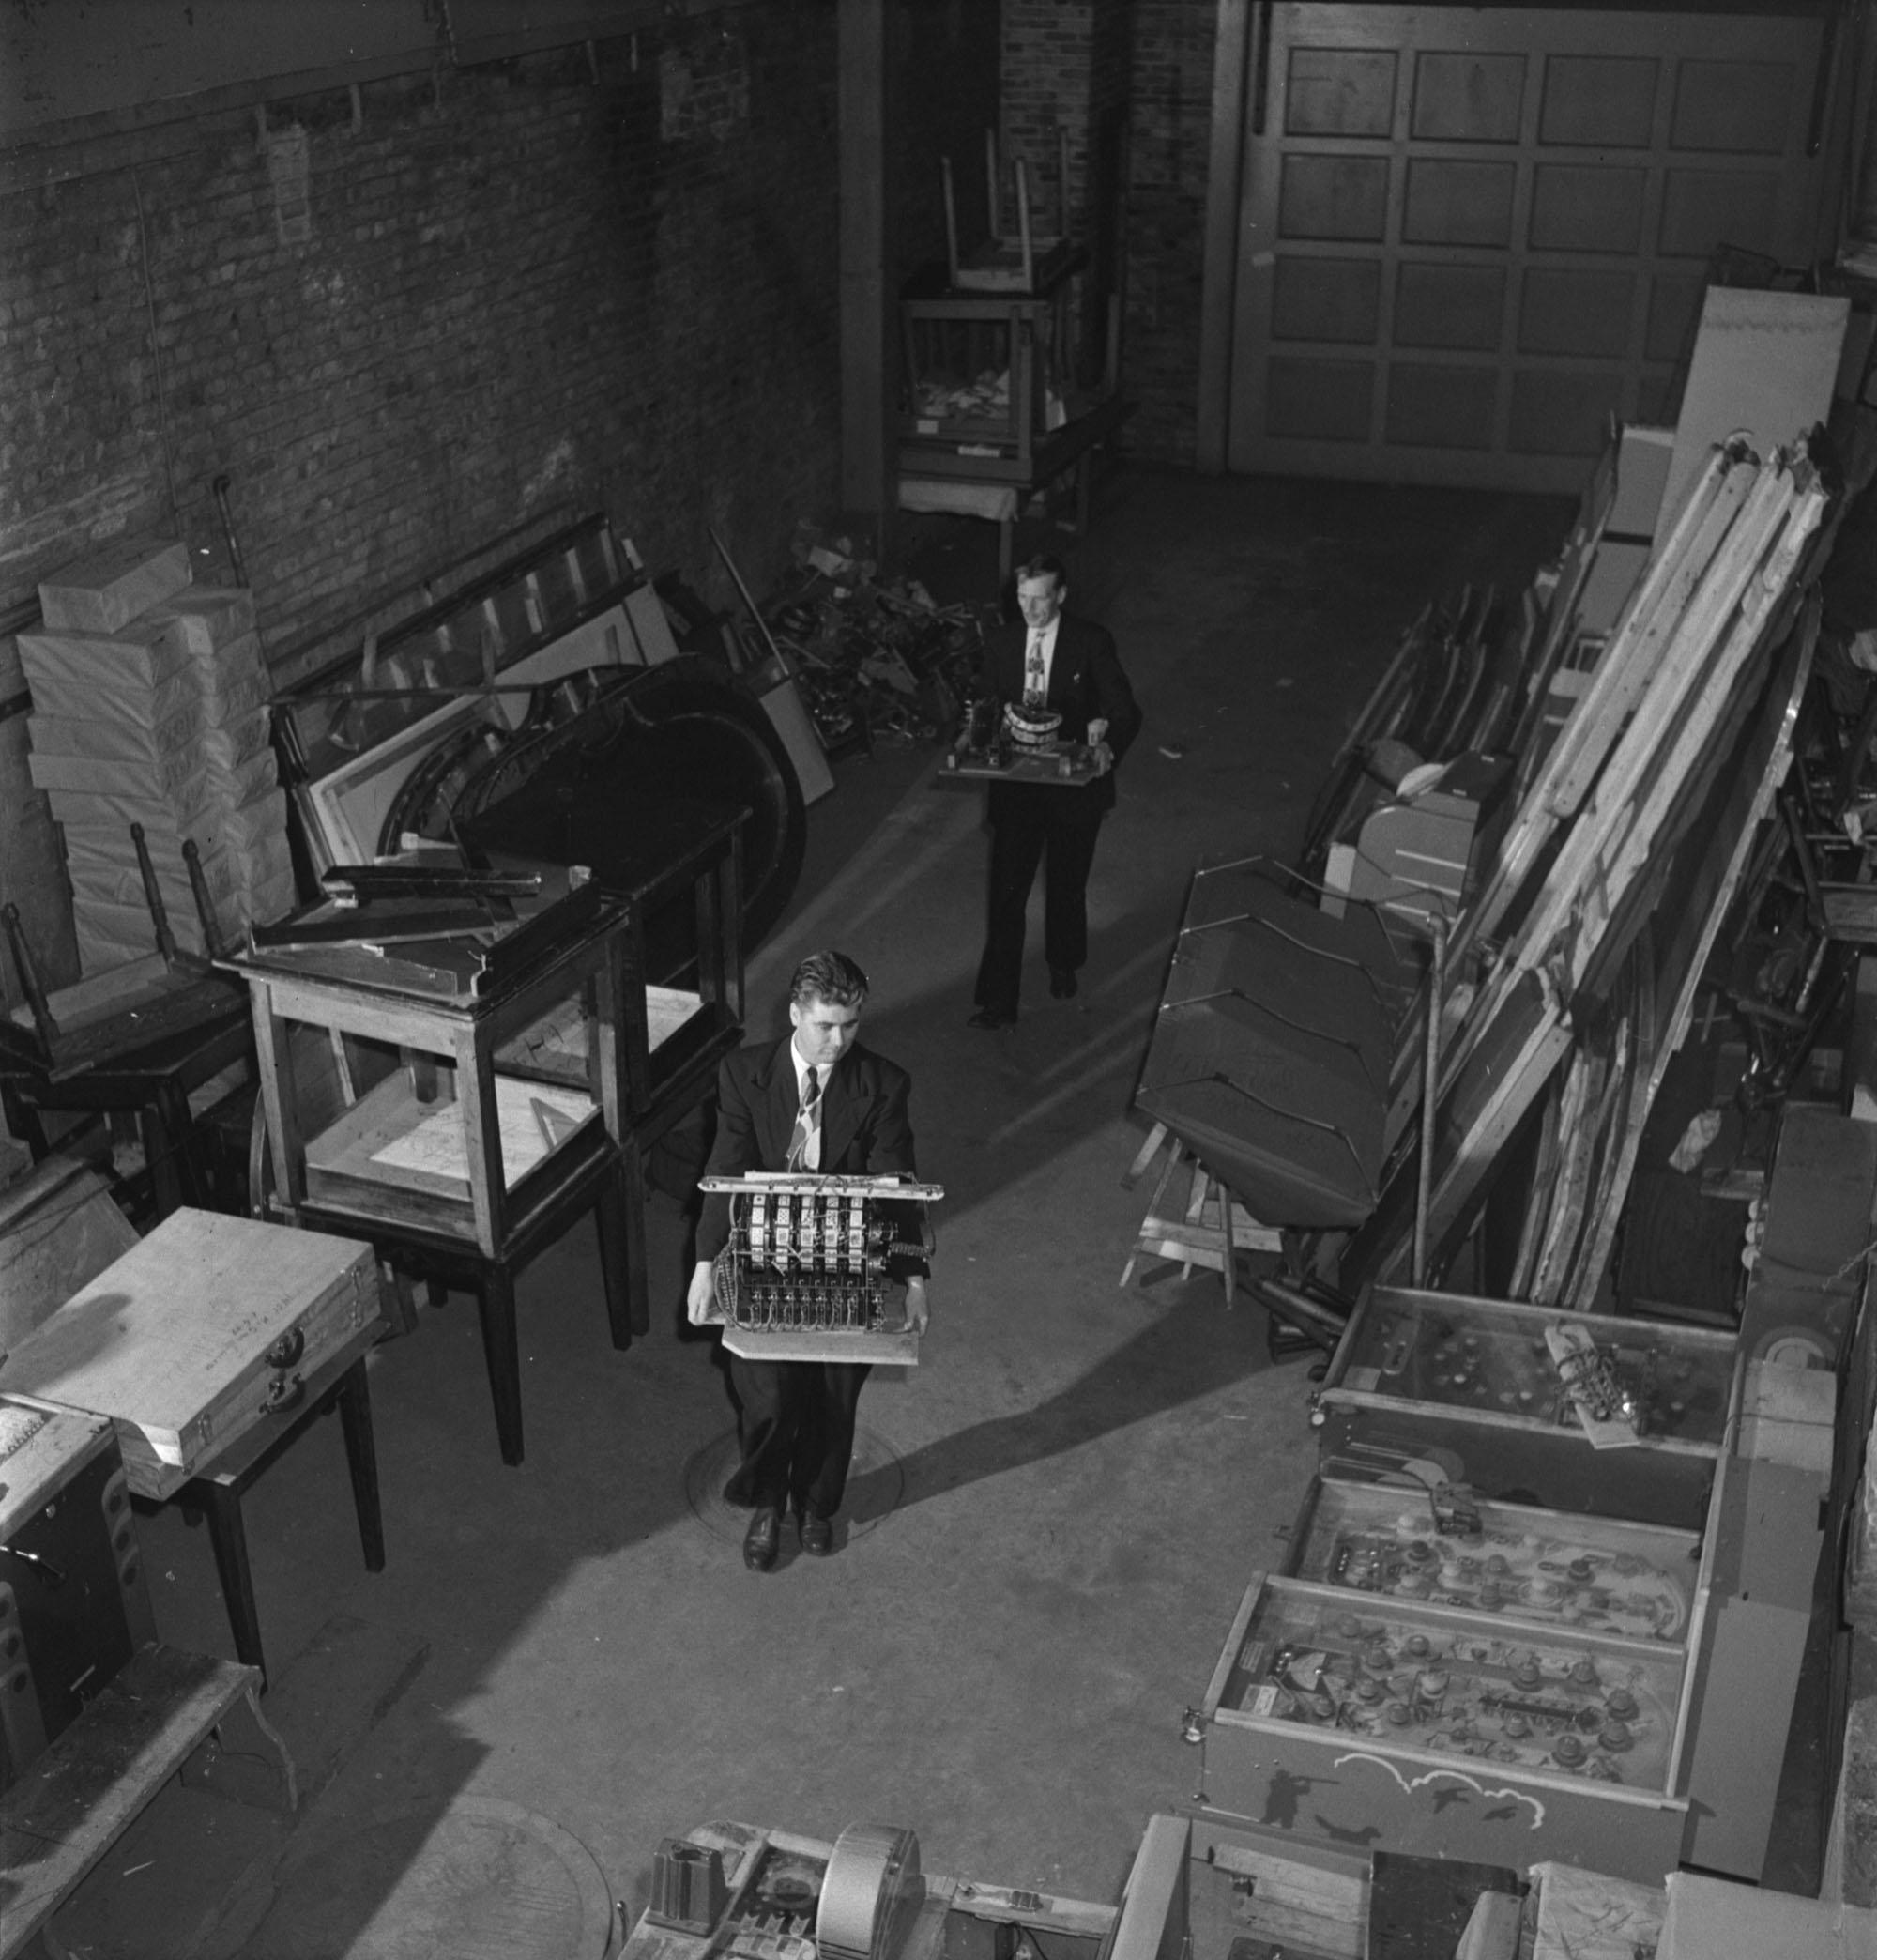 Intérieur d'un entrepôt. Deux hommes tiennent des machines dans leurs mains. De chaque côté, du matériel est empilé.